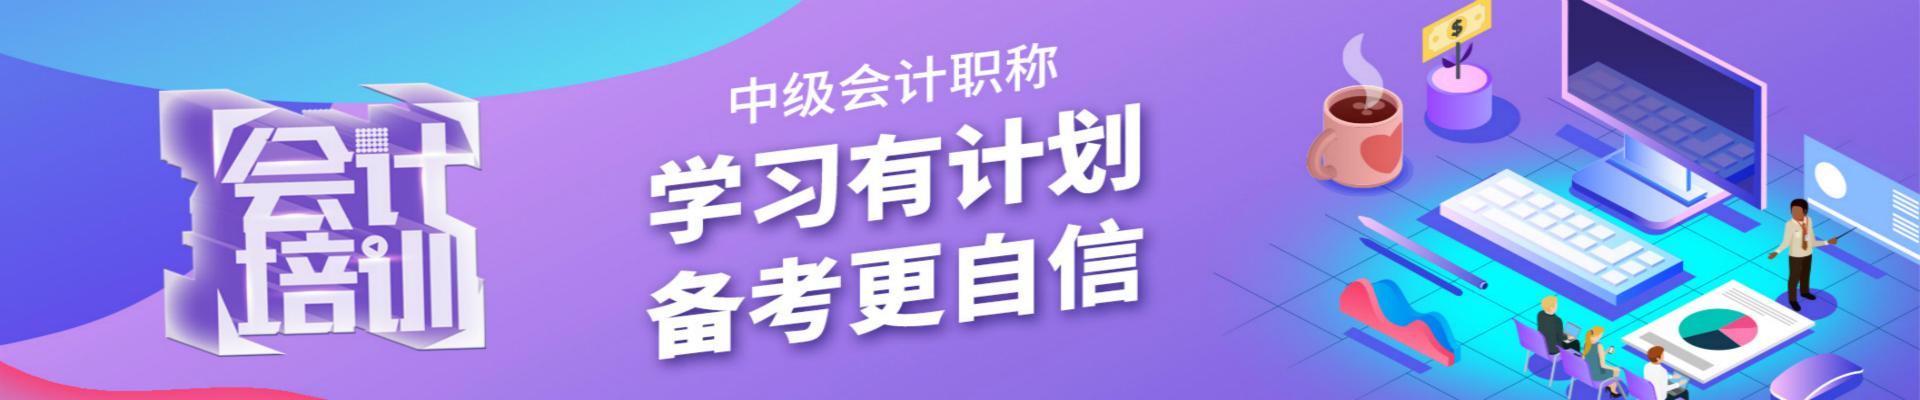 南昌高顿财经江财麦庐校区